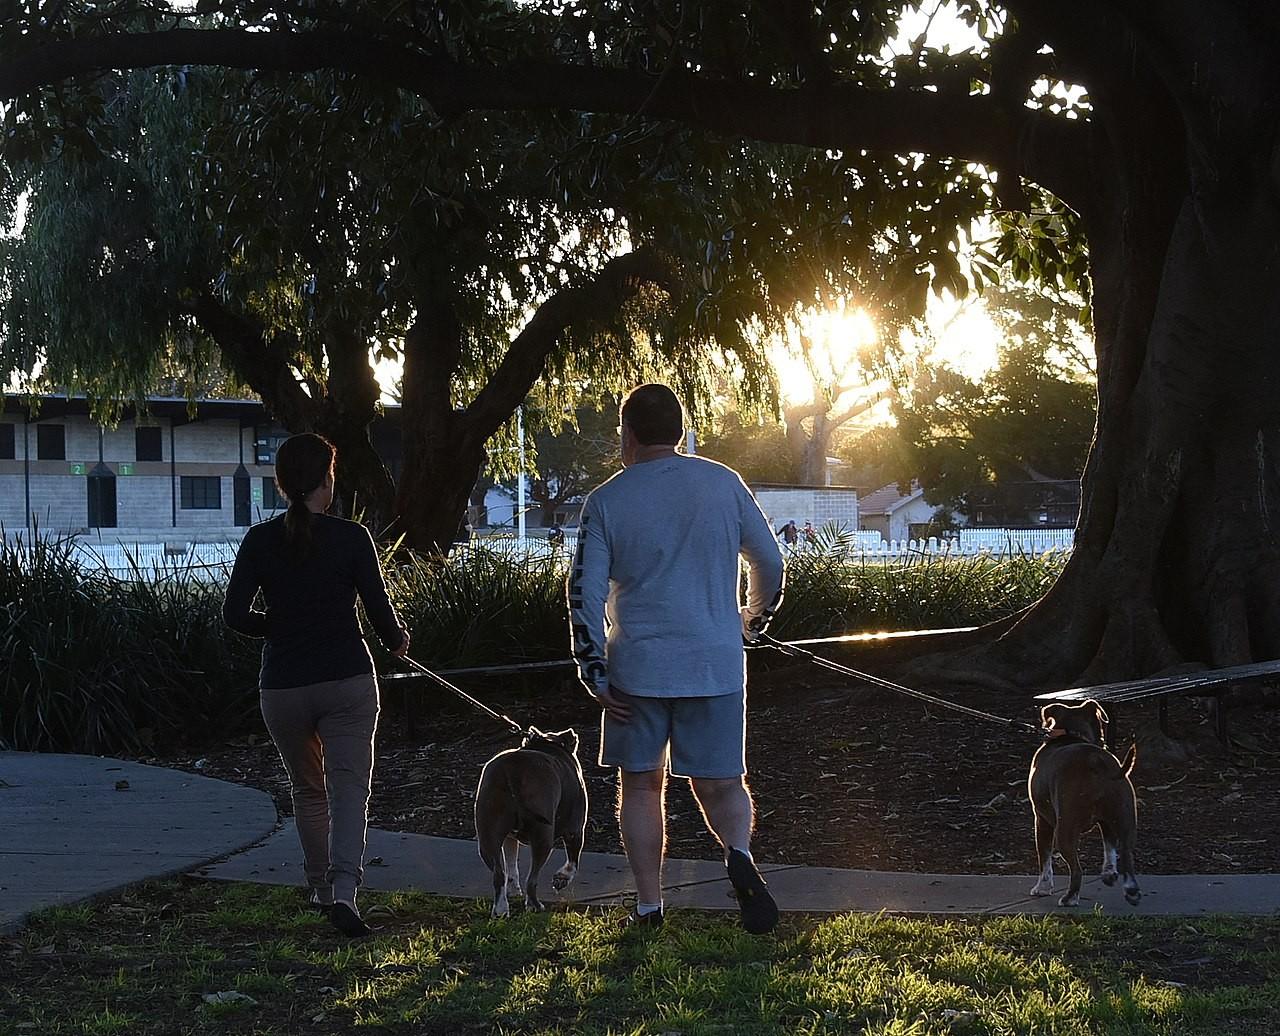 Aumenta número de fraturas em idosos que passeiam com cães